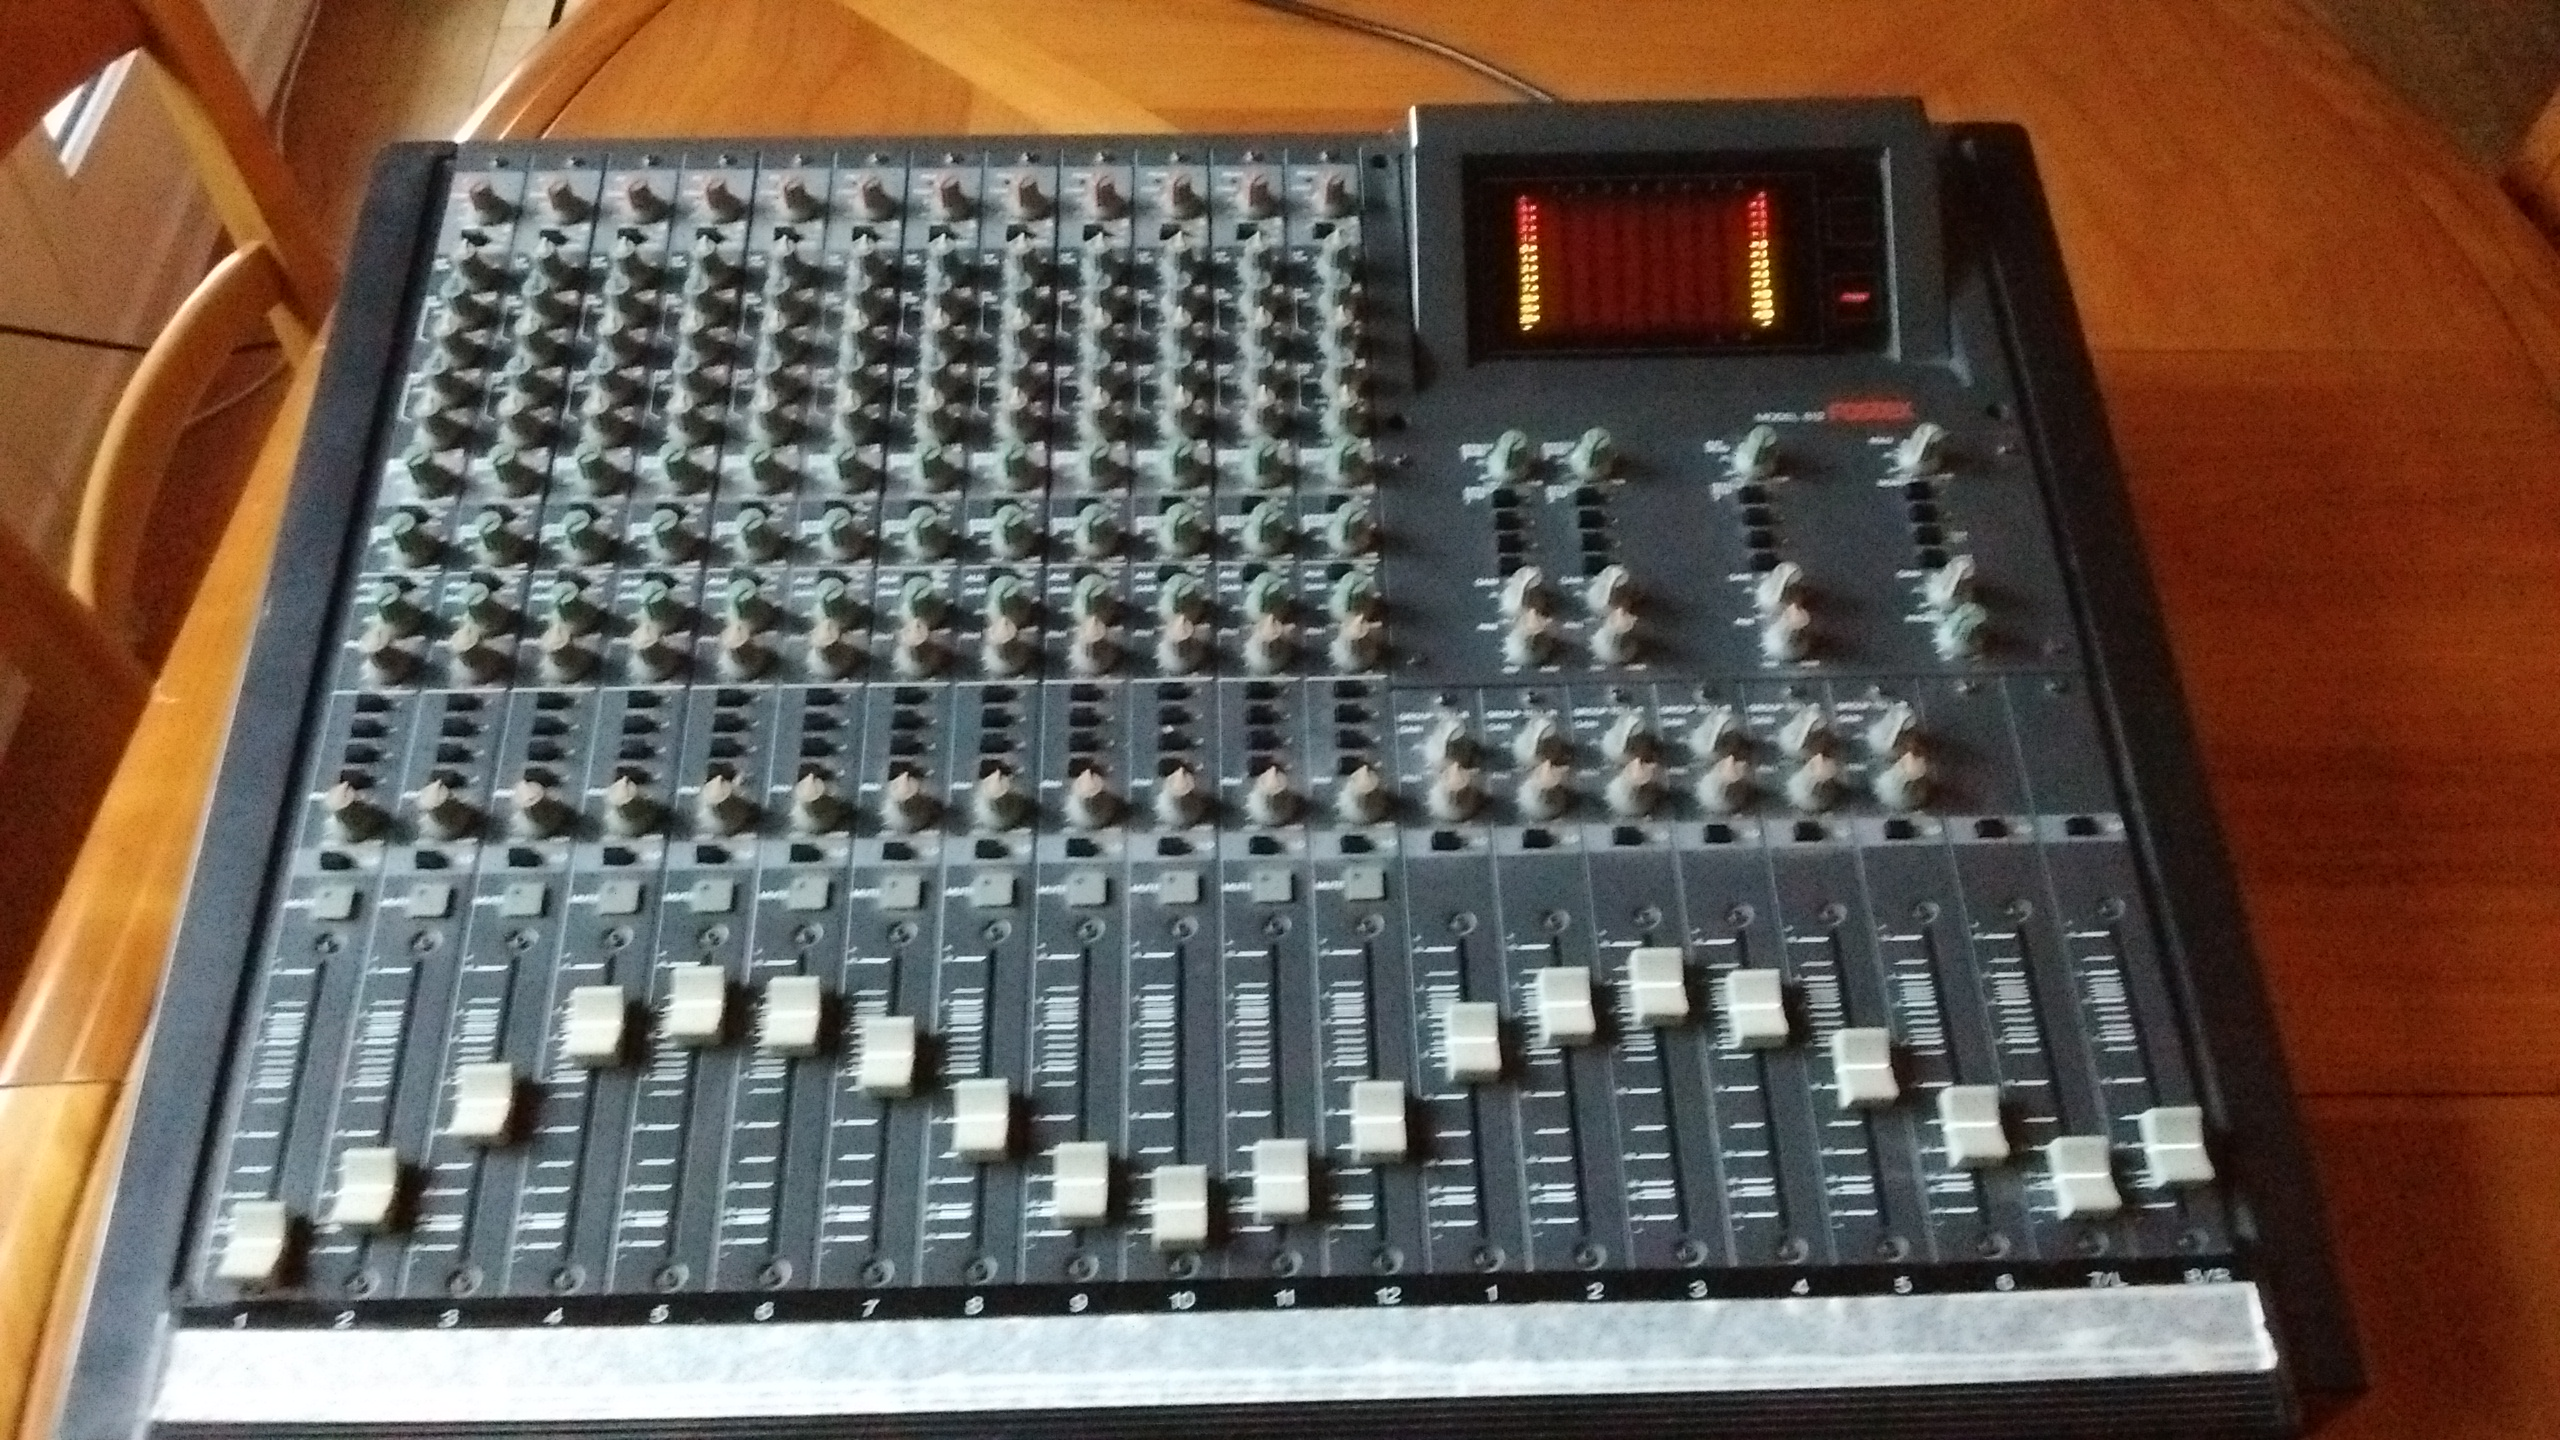 Vends table de mixage 12 entr es fostex 812 ile de france - Table de mixage en ligne gratuit ...